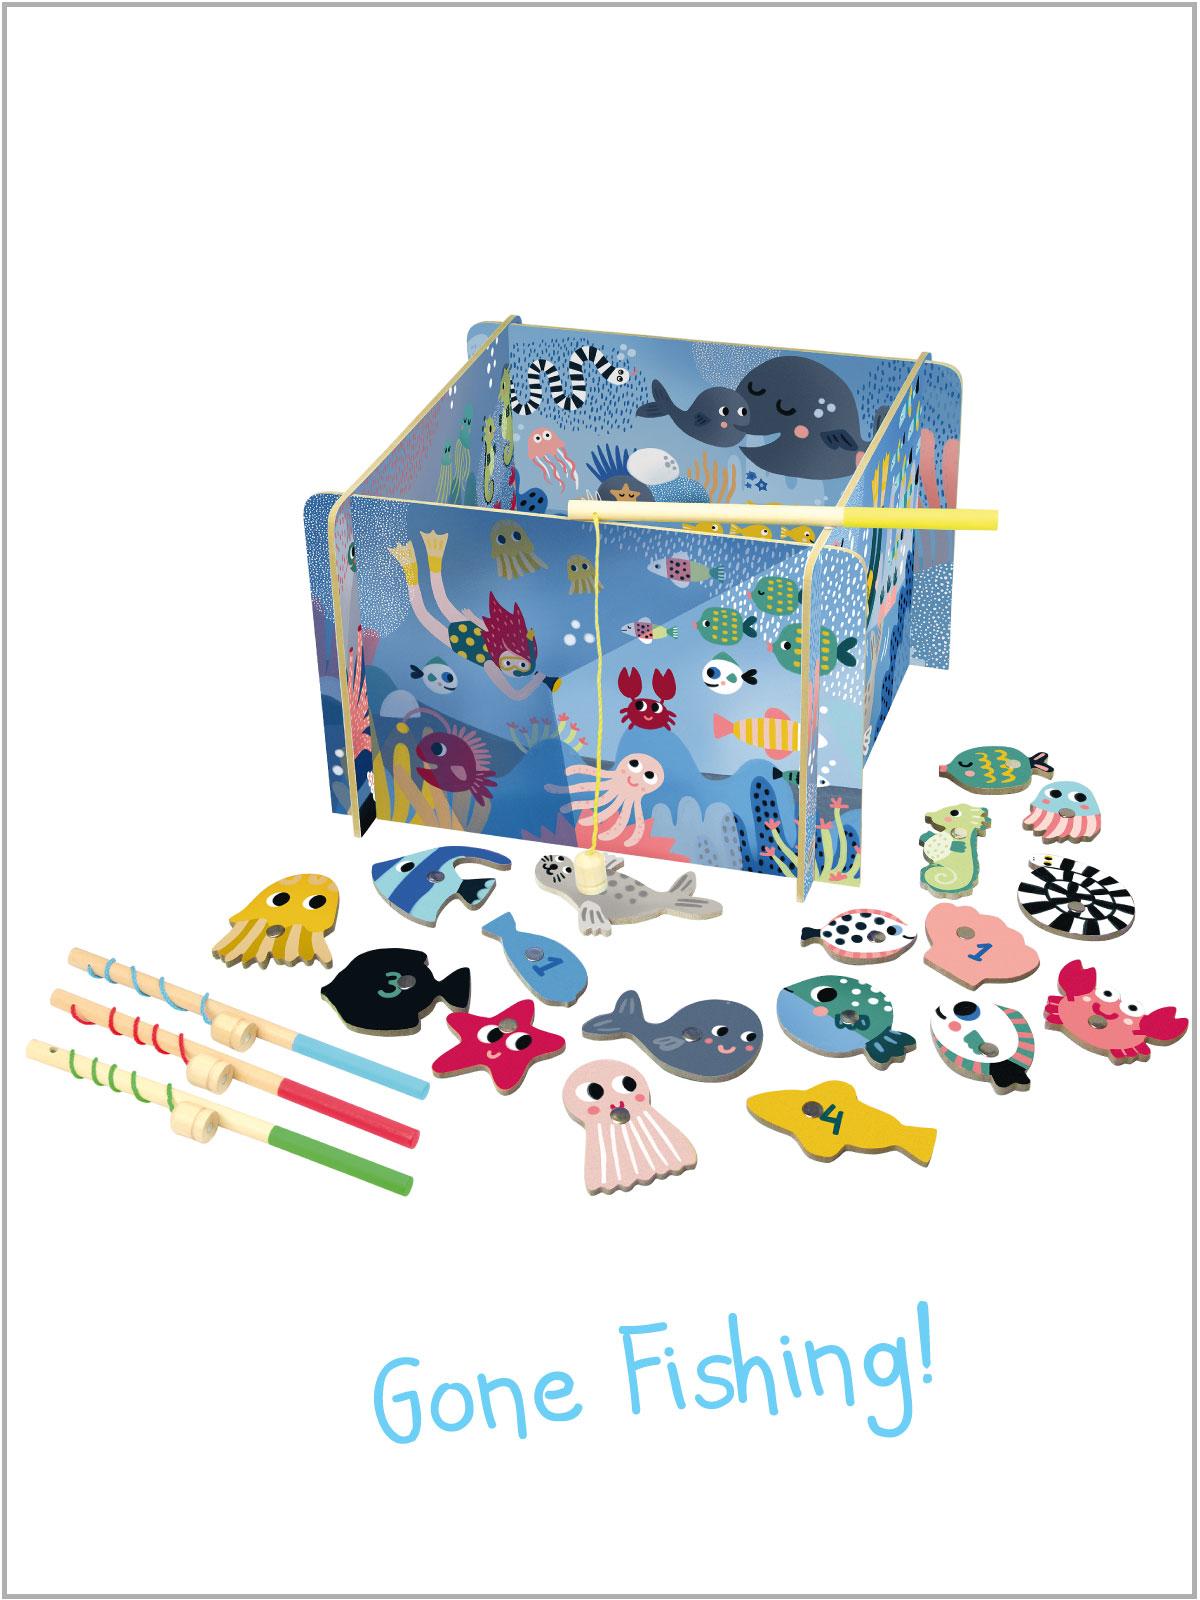 frederickandsophie-kids-toys-vilac-france-boardgame-fishing